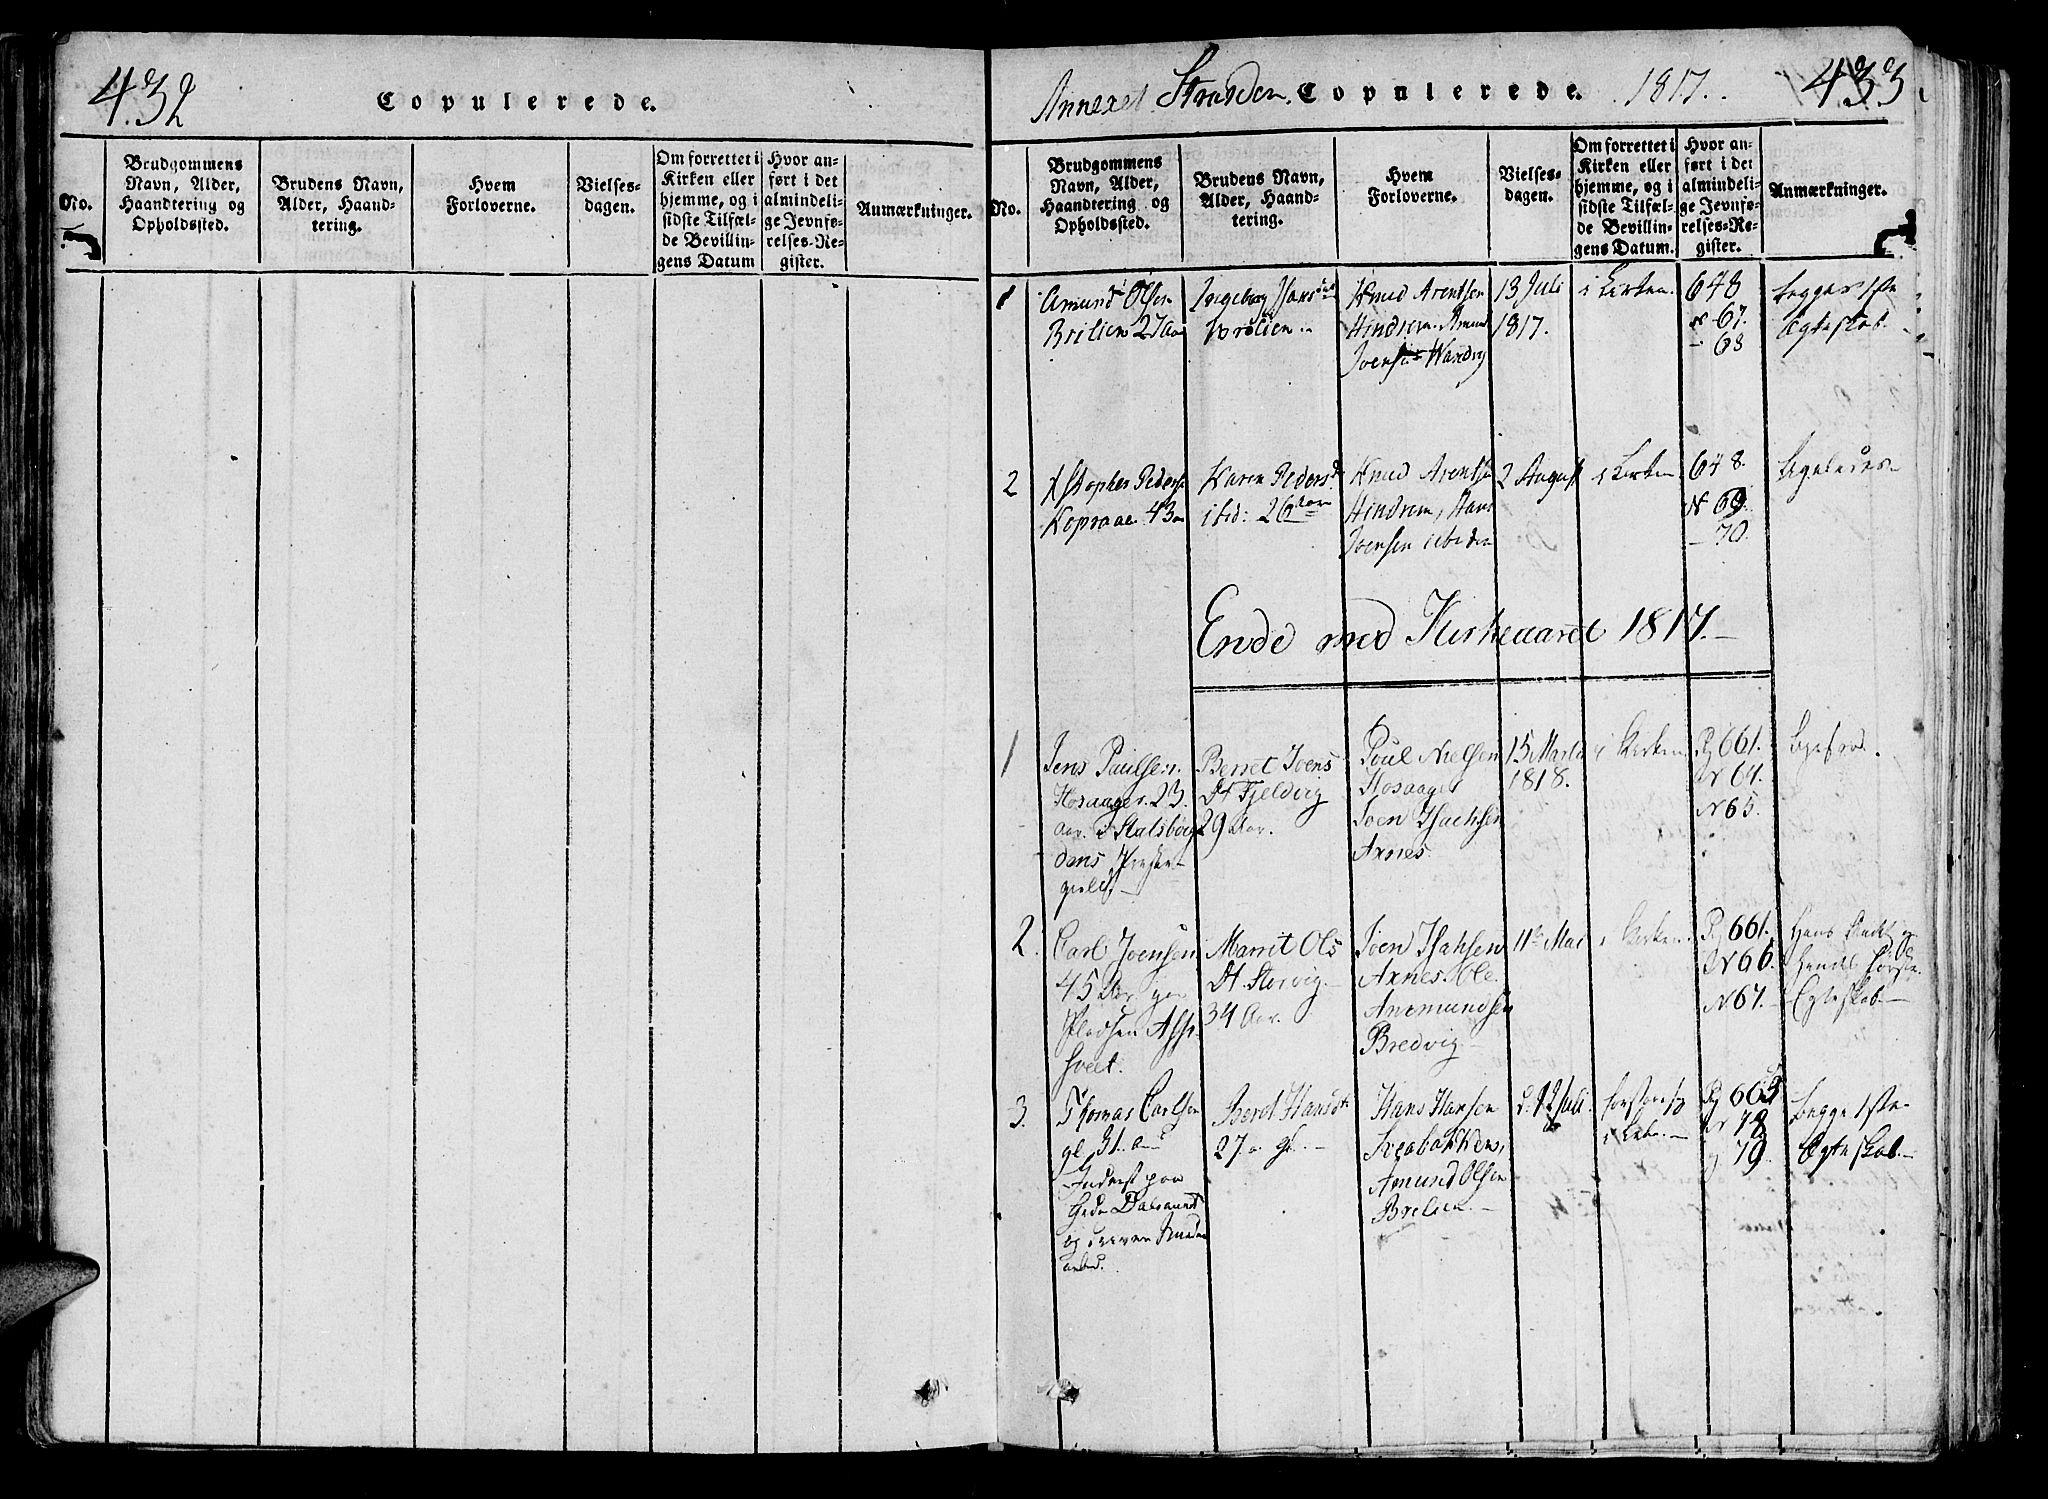 SAT, Ministerialprotokoller, klokkerbøker og fødselsregistre - Nord-Trøndelag, 701/L0005: Ministerialbok nr. 701A05 /2, 1816-1825, s. 432-433